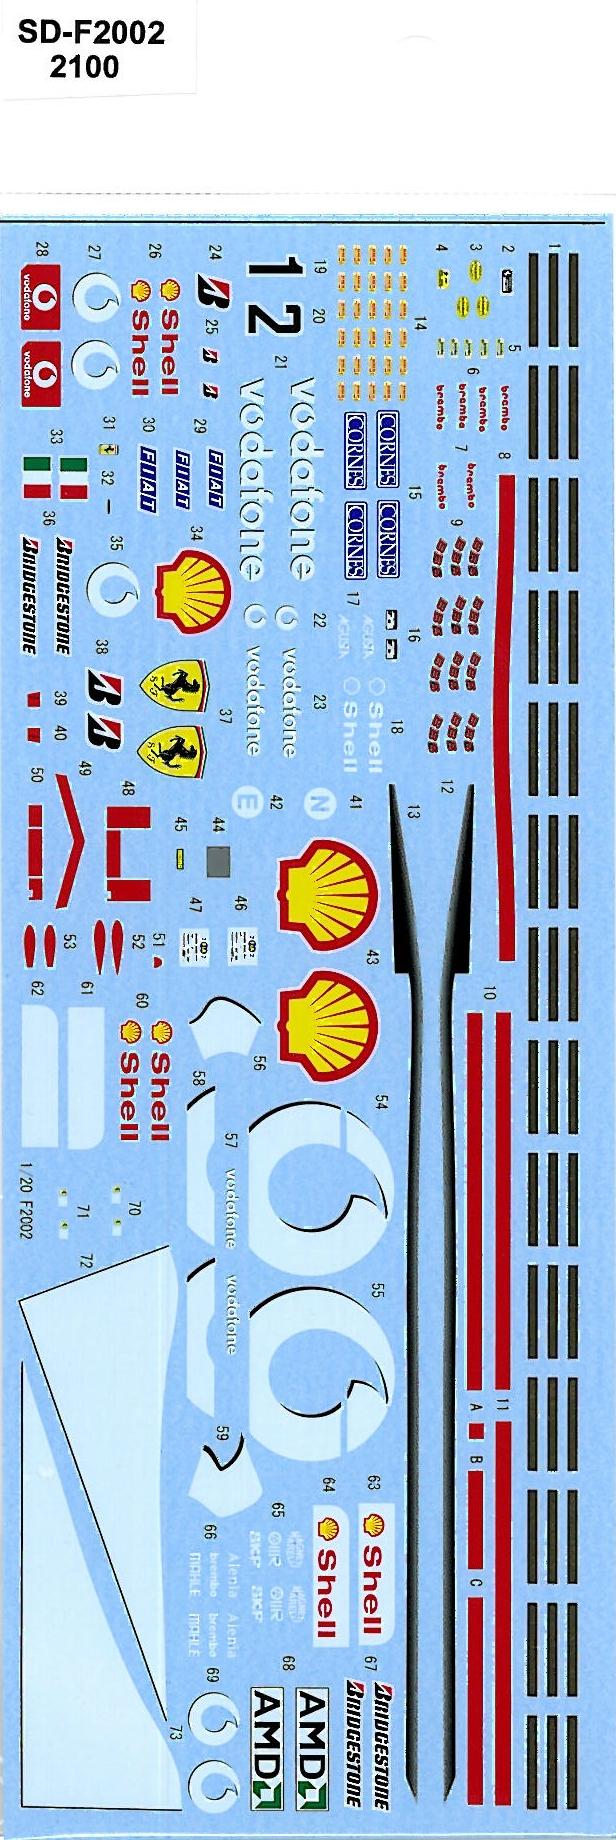 SDK-F2002 FERRARI F2002